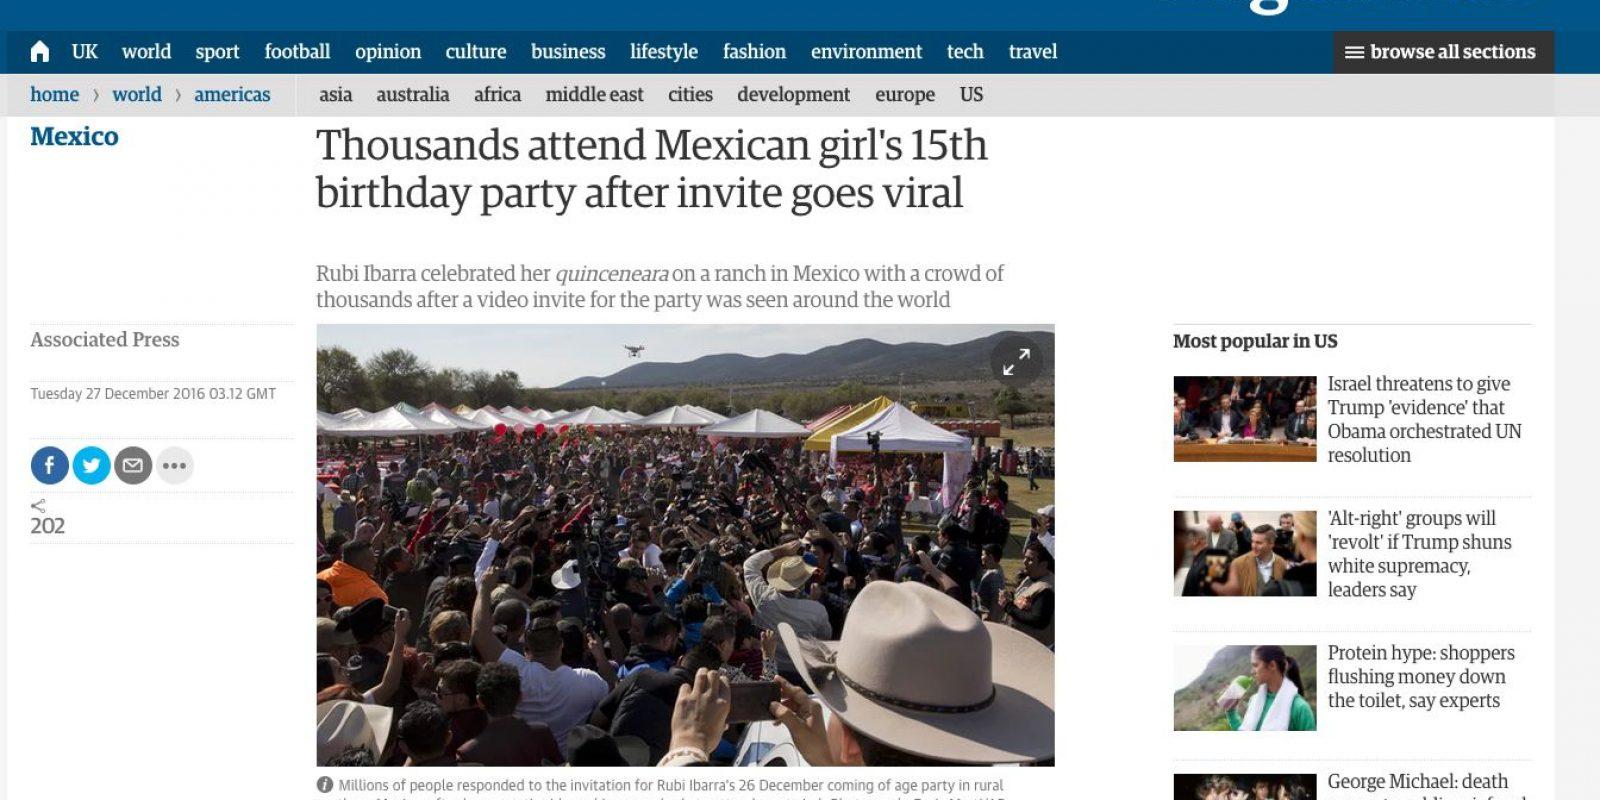 Medios Internacionales destacan la fiesta de XV años de Rubí. Imagen Por: The Guardian - Reino Unido